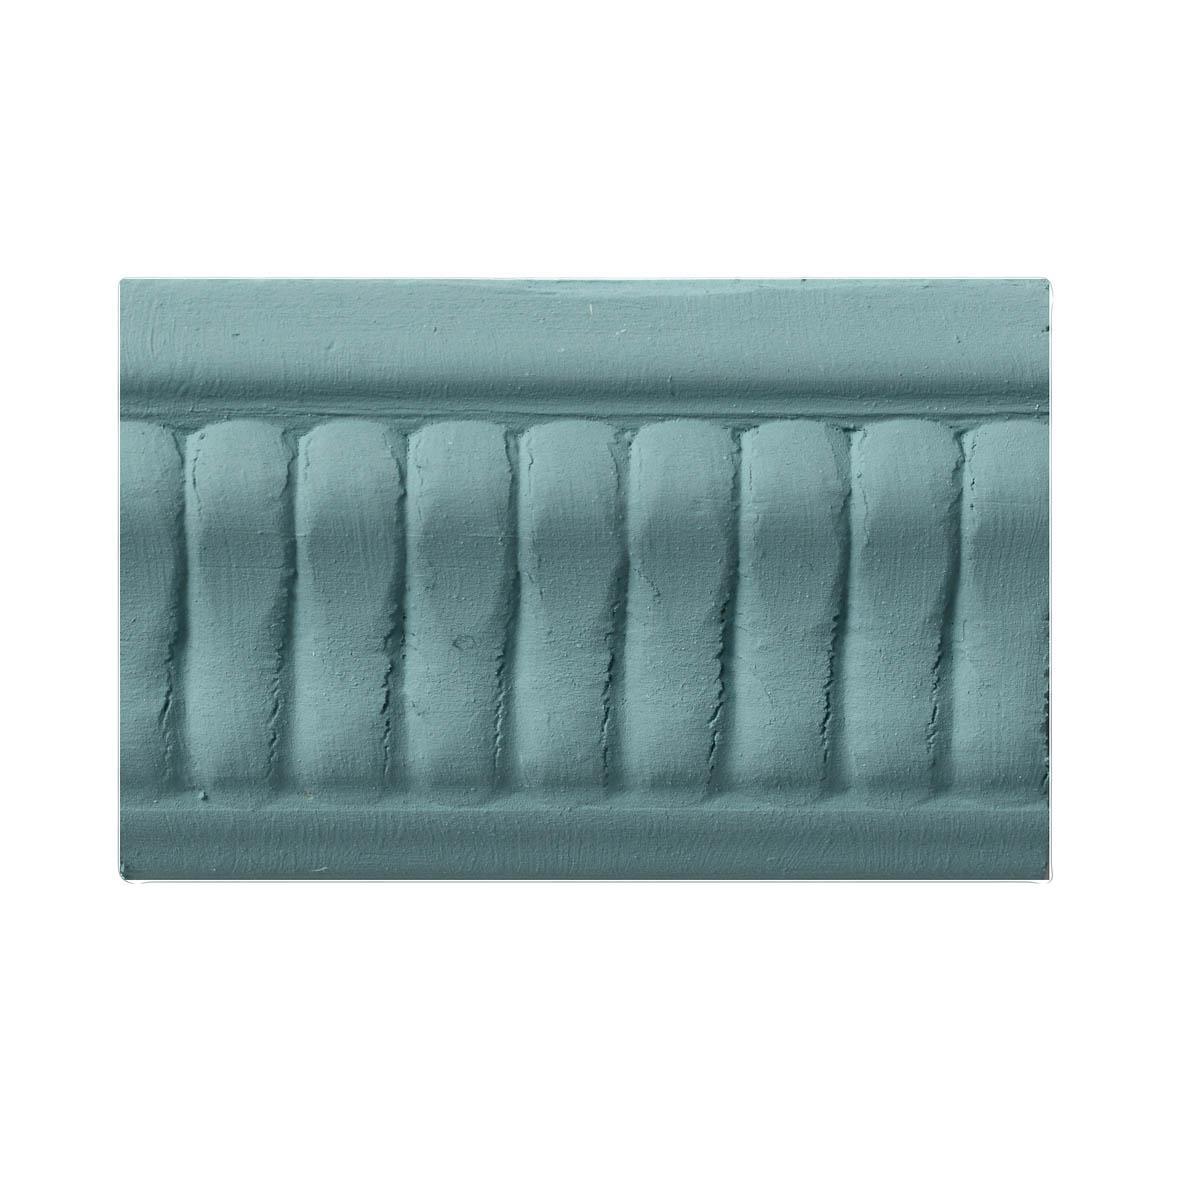 Waverly ® Inspirations Chalk Finish Acrylic Paint - Agave, 2 oz. - 60888E